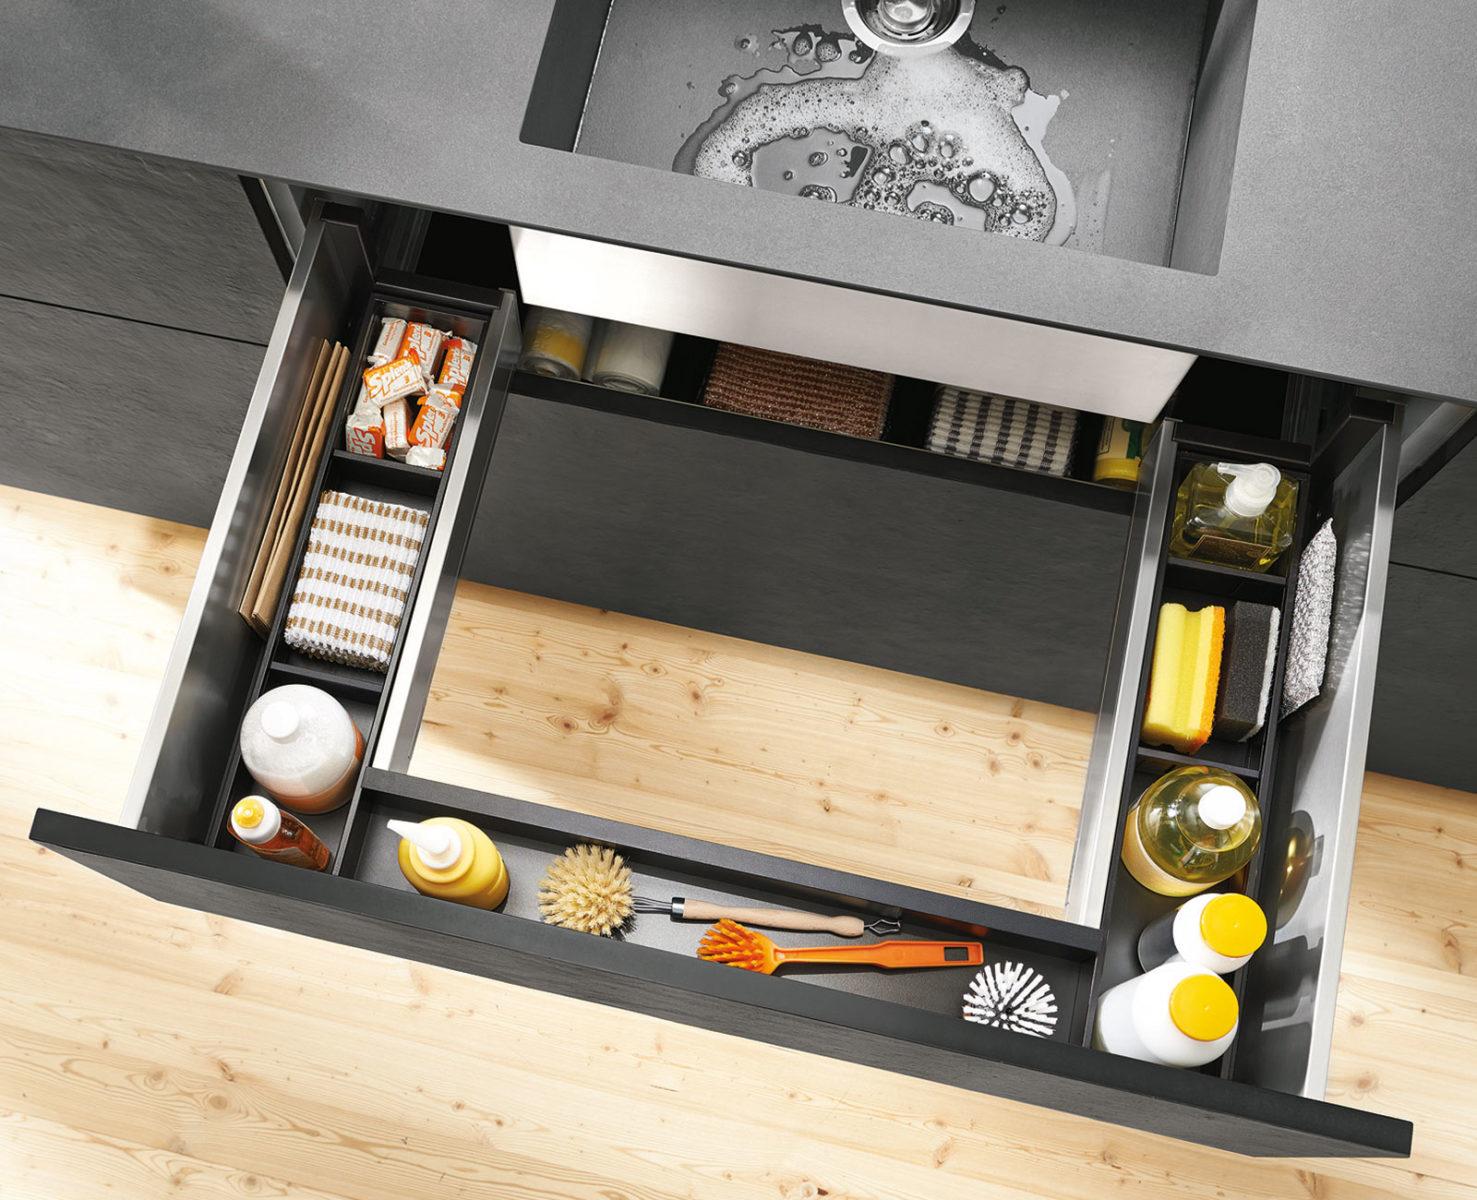 Шухляда під мийку дозволяє значно підвищити комфорт експлуатації кухні